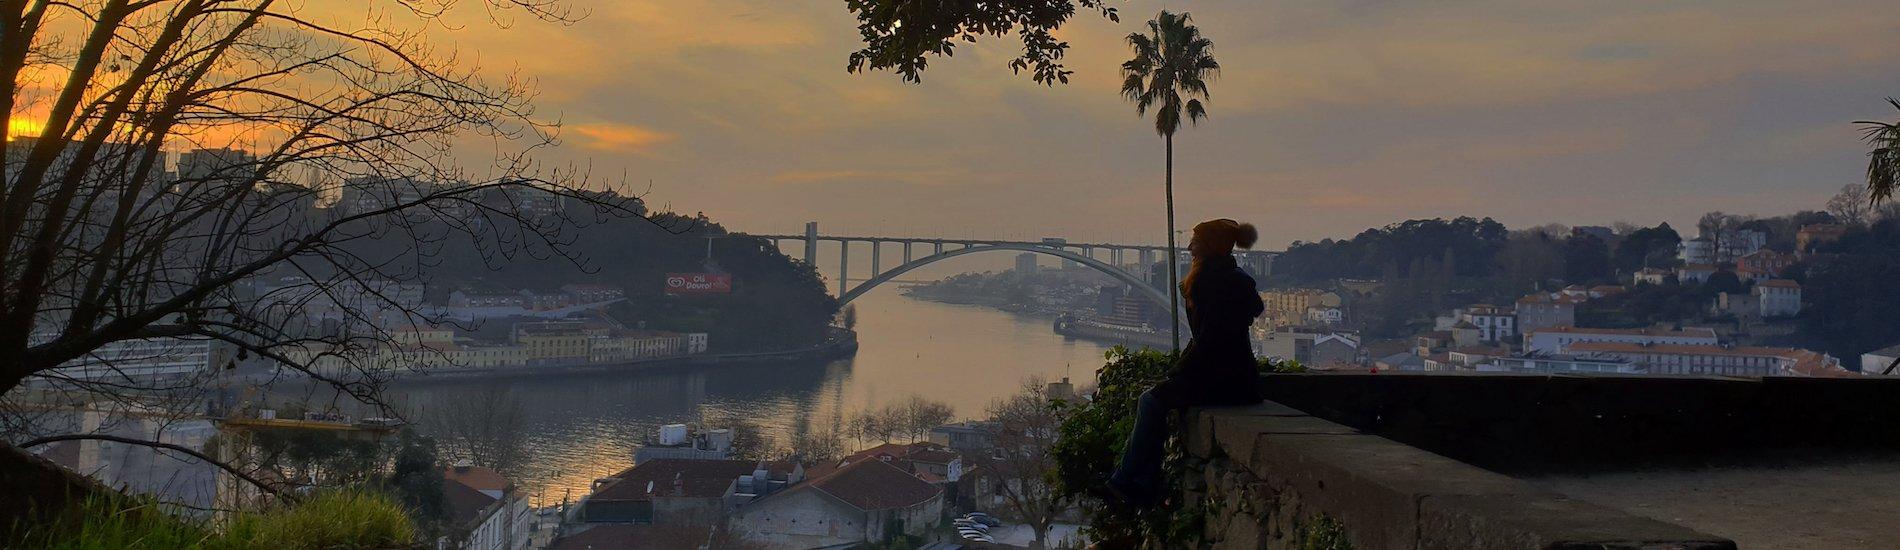 Susana Ribeiro - Porto - Portugal © Viaje Comigo